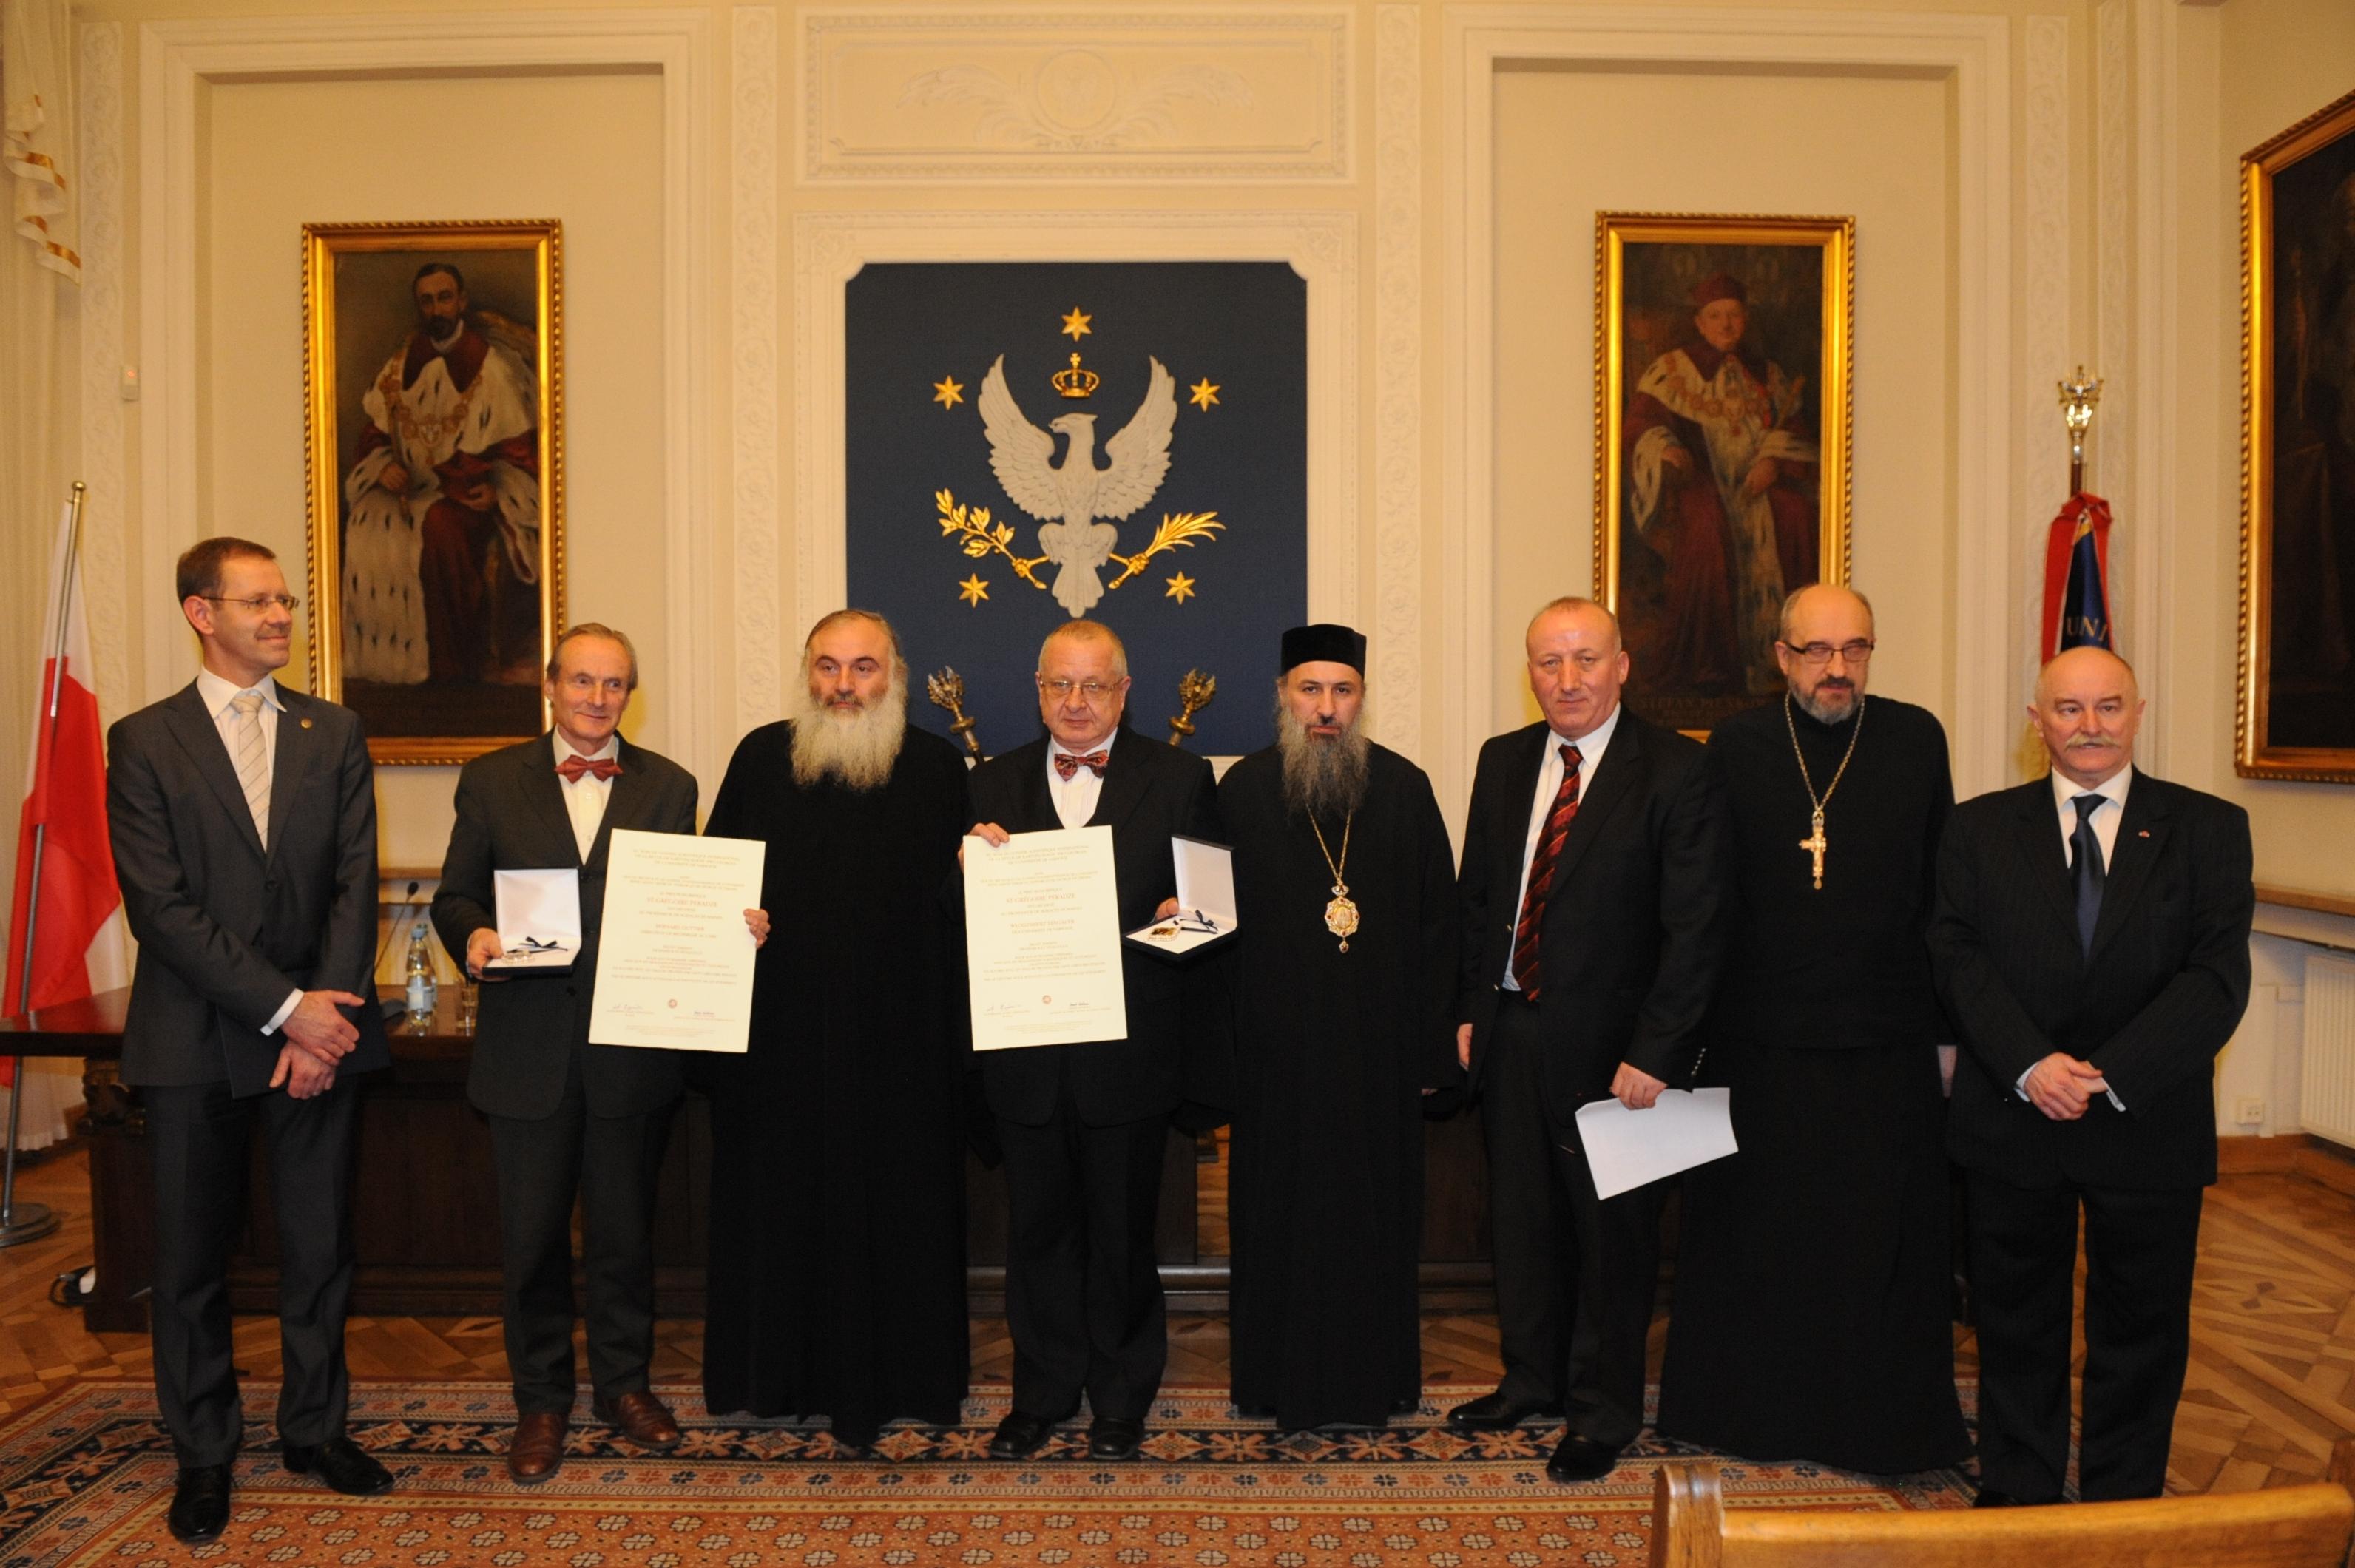 Laureaci, przyznawanej co dwa lata Nagrody im. św. Grzegorza Peradze w 2012 r.. Od lewej: . M. Pałys, B. Outtier (laureat), o. Adam, W. Lengauer (laureat), o. Andria, D. Kolbaia, H. Paprocki.